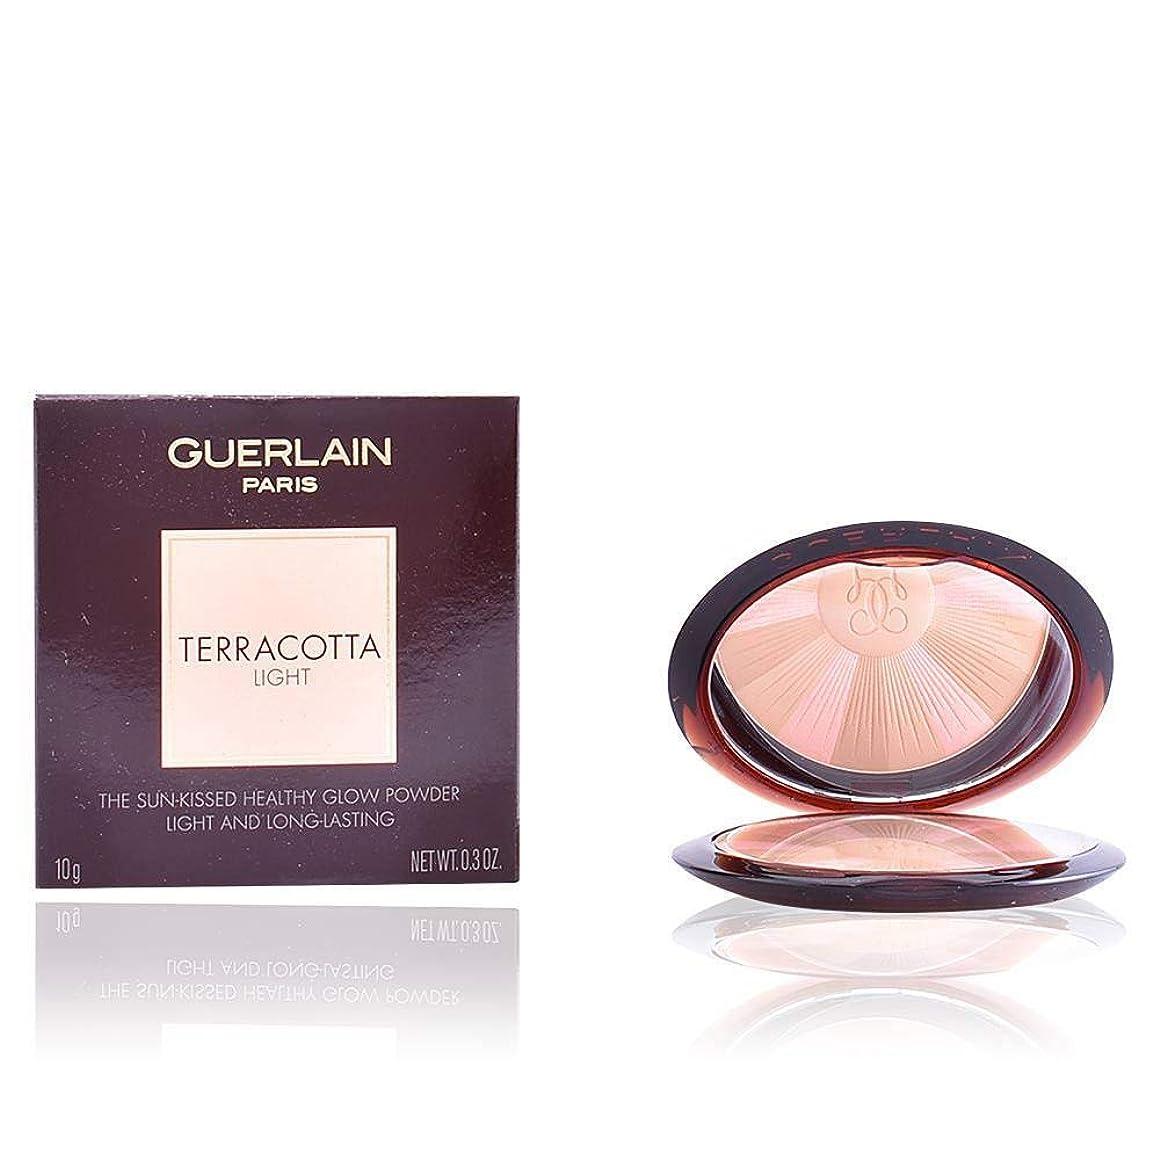 活力なぞらえるおゲラン Terracotta Light The Sun Kissed Healthy Glow Powder - # 03 Natural Warm 10g/0.3oz並行輸入品